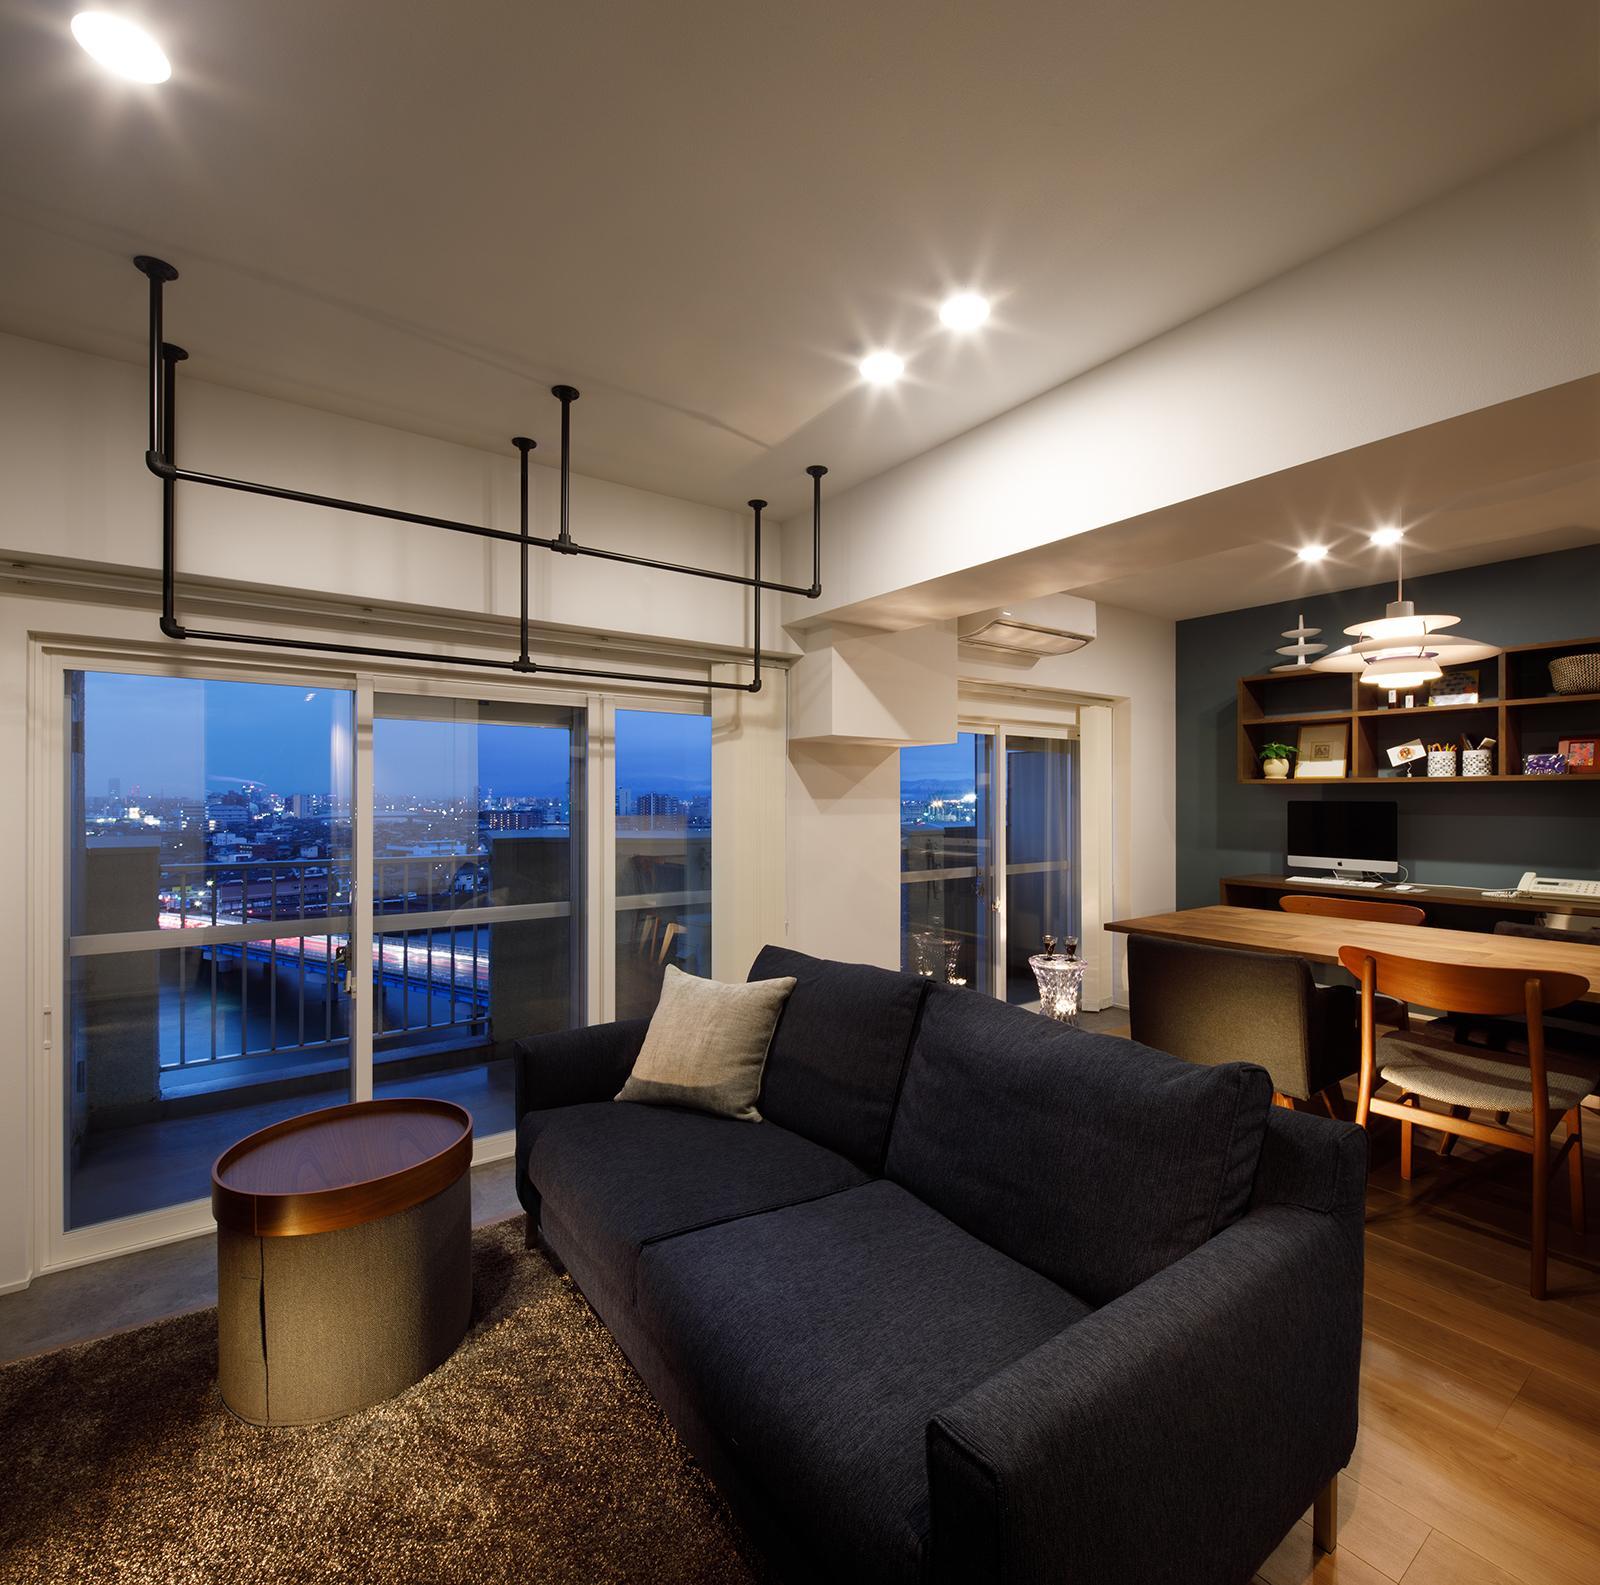 眺望のあるマンションリノベーションの写真10